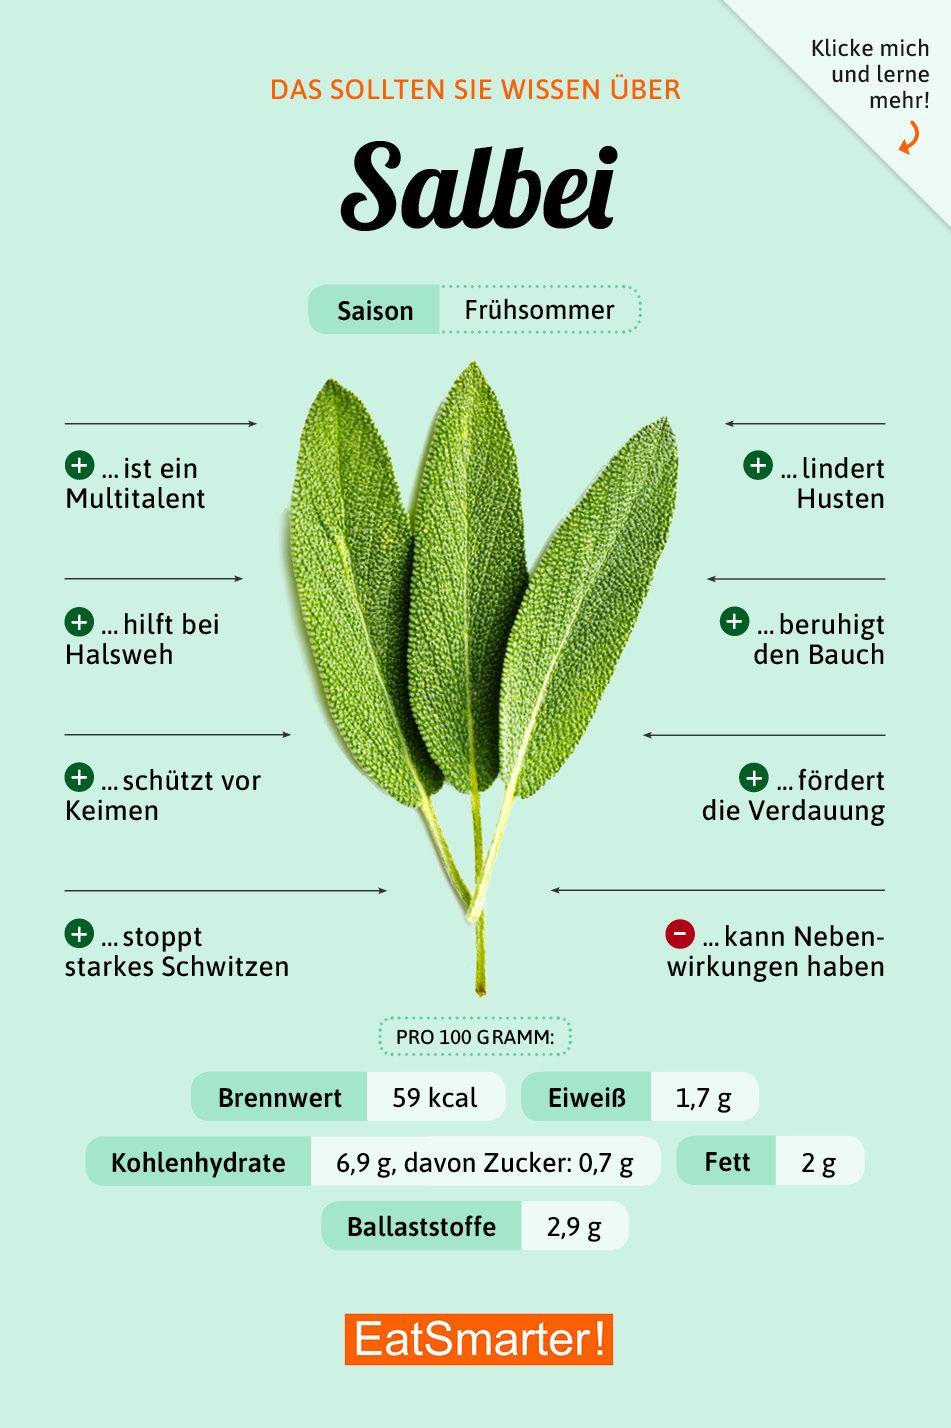 Das solltest du über Salbei wissen | eatsmarter.de #ernährung #infografik #salbei #laternebastelnkinder